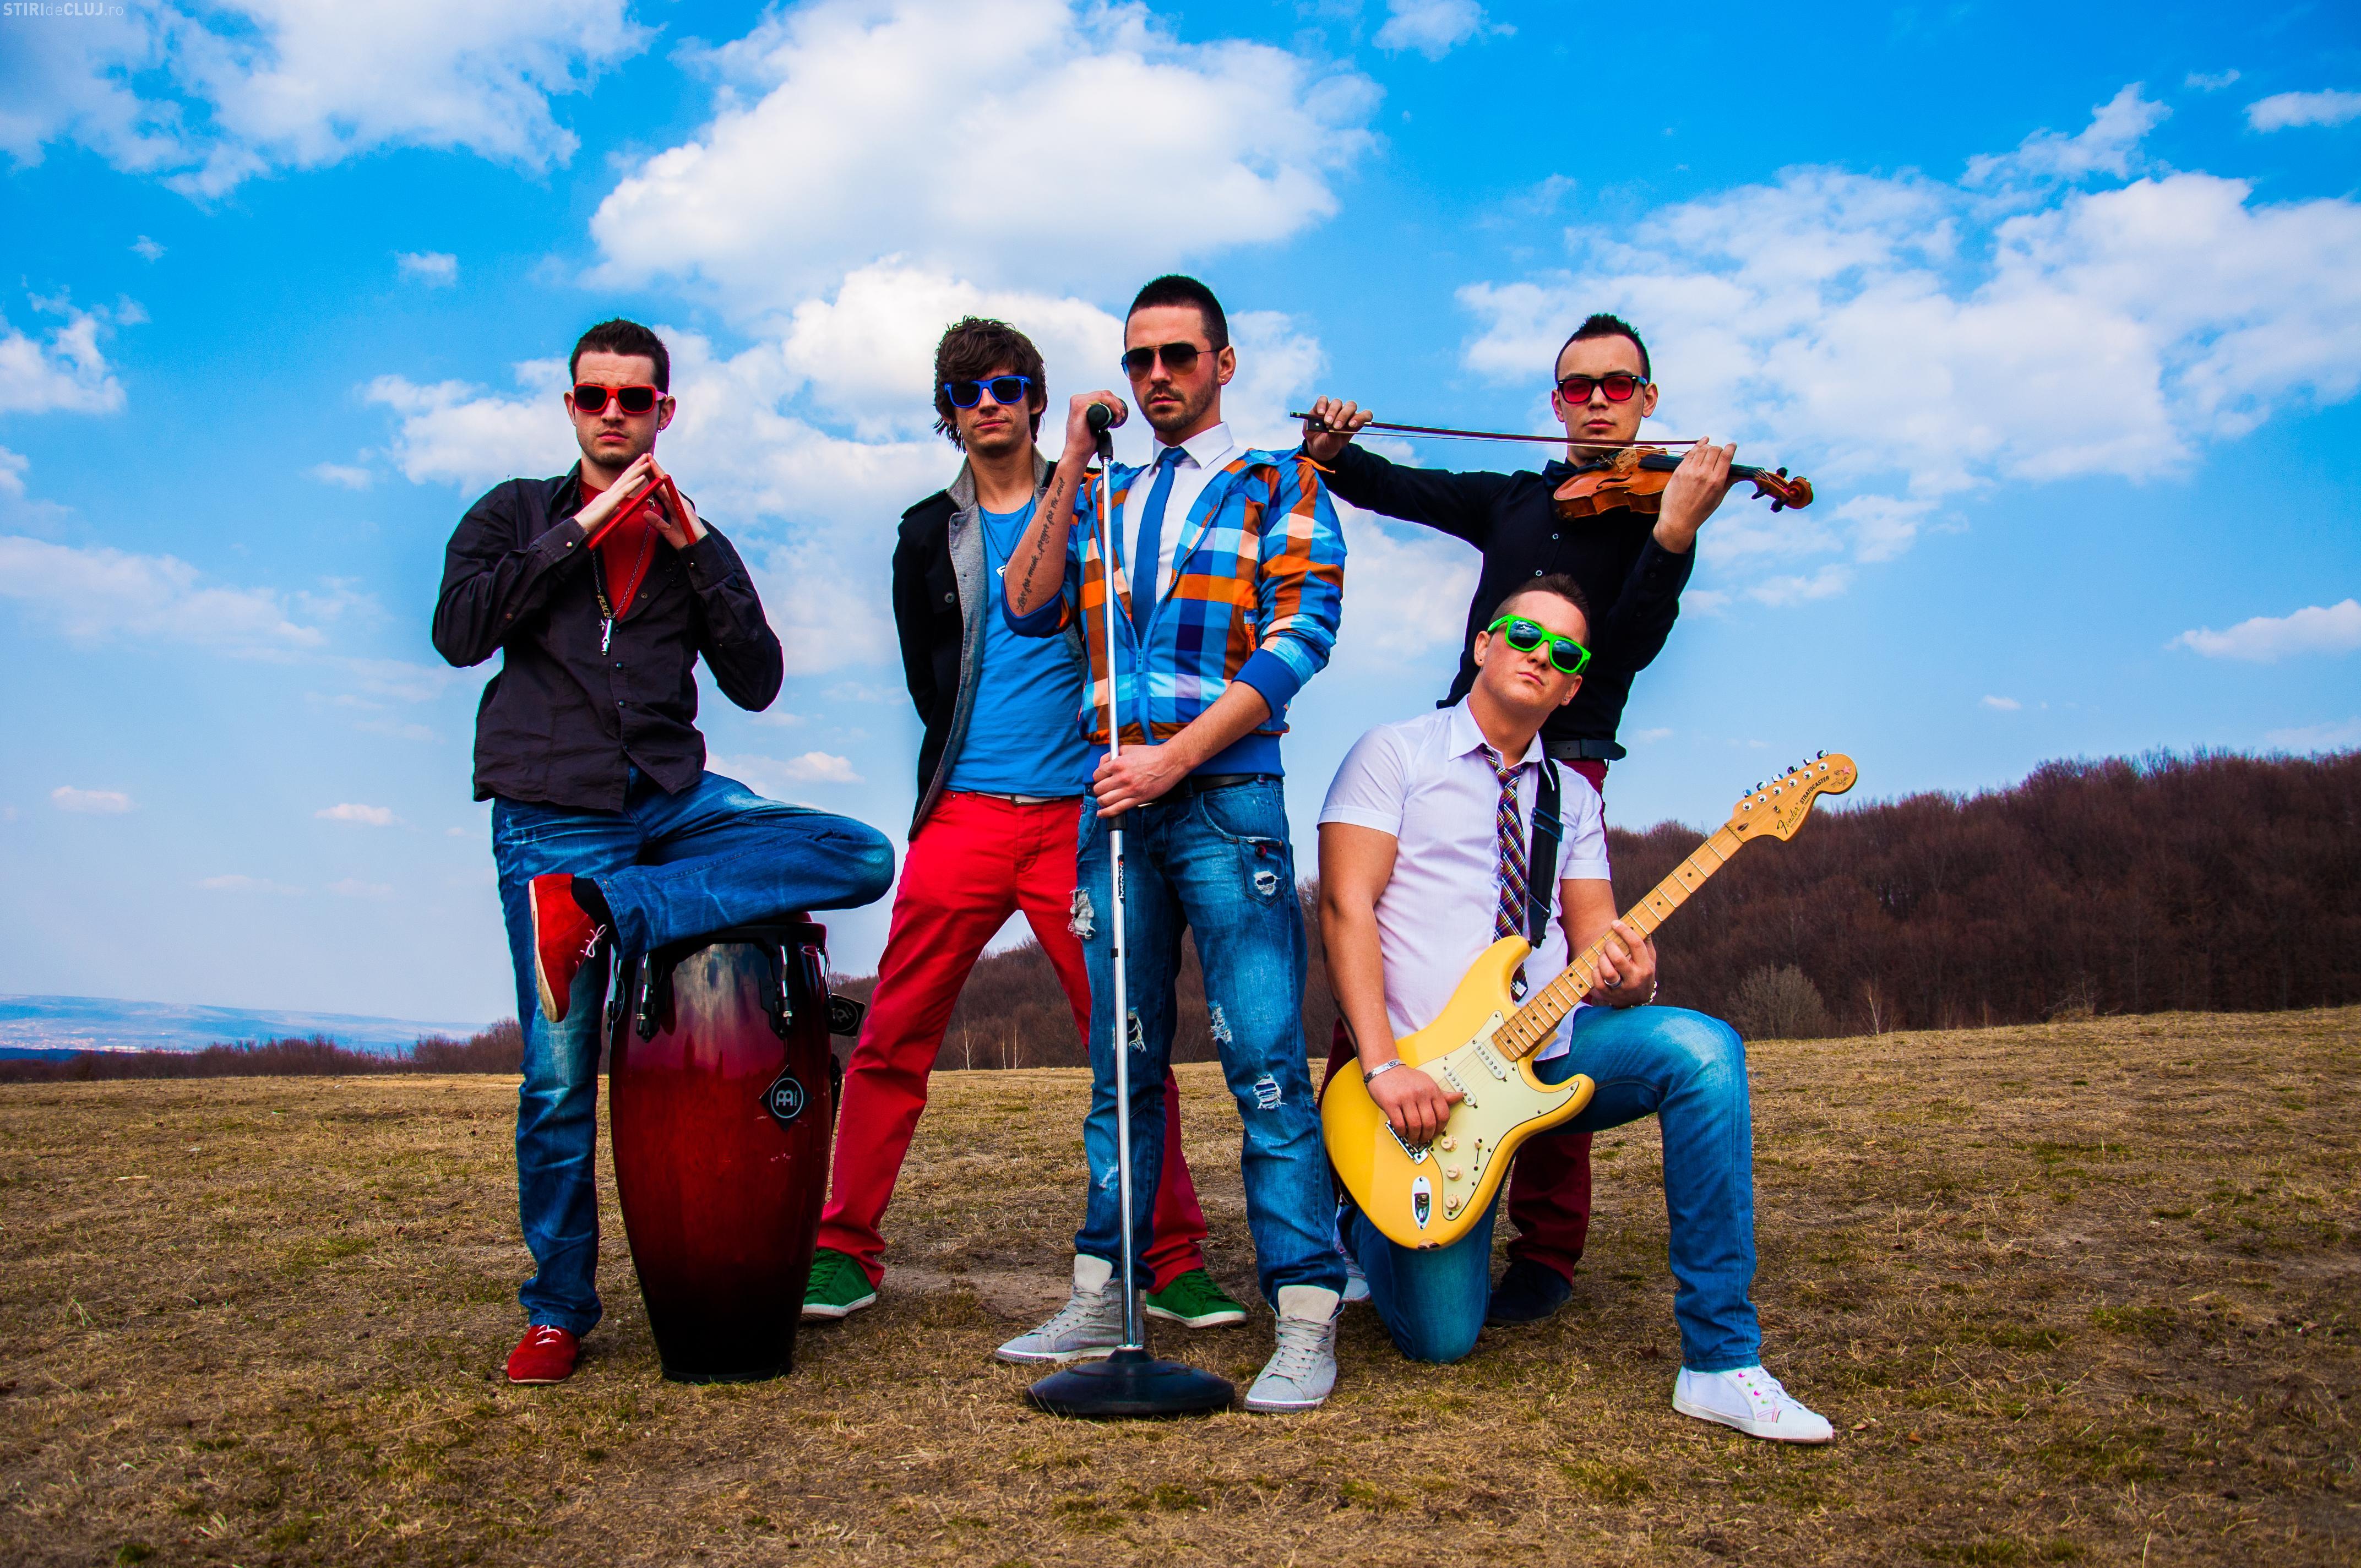 Clujenii de la trupa Incognito își lansează prima melodie în deschiderea concertului Voltaj de vineri seara. Asculta aici melodia